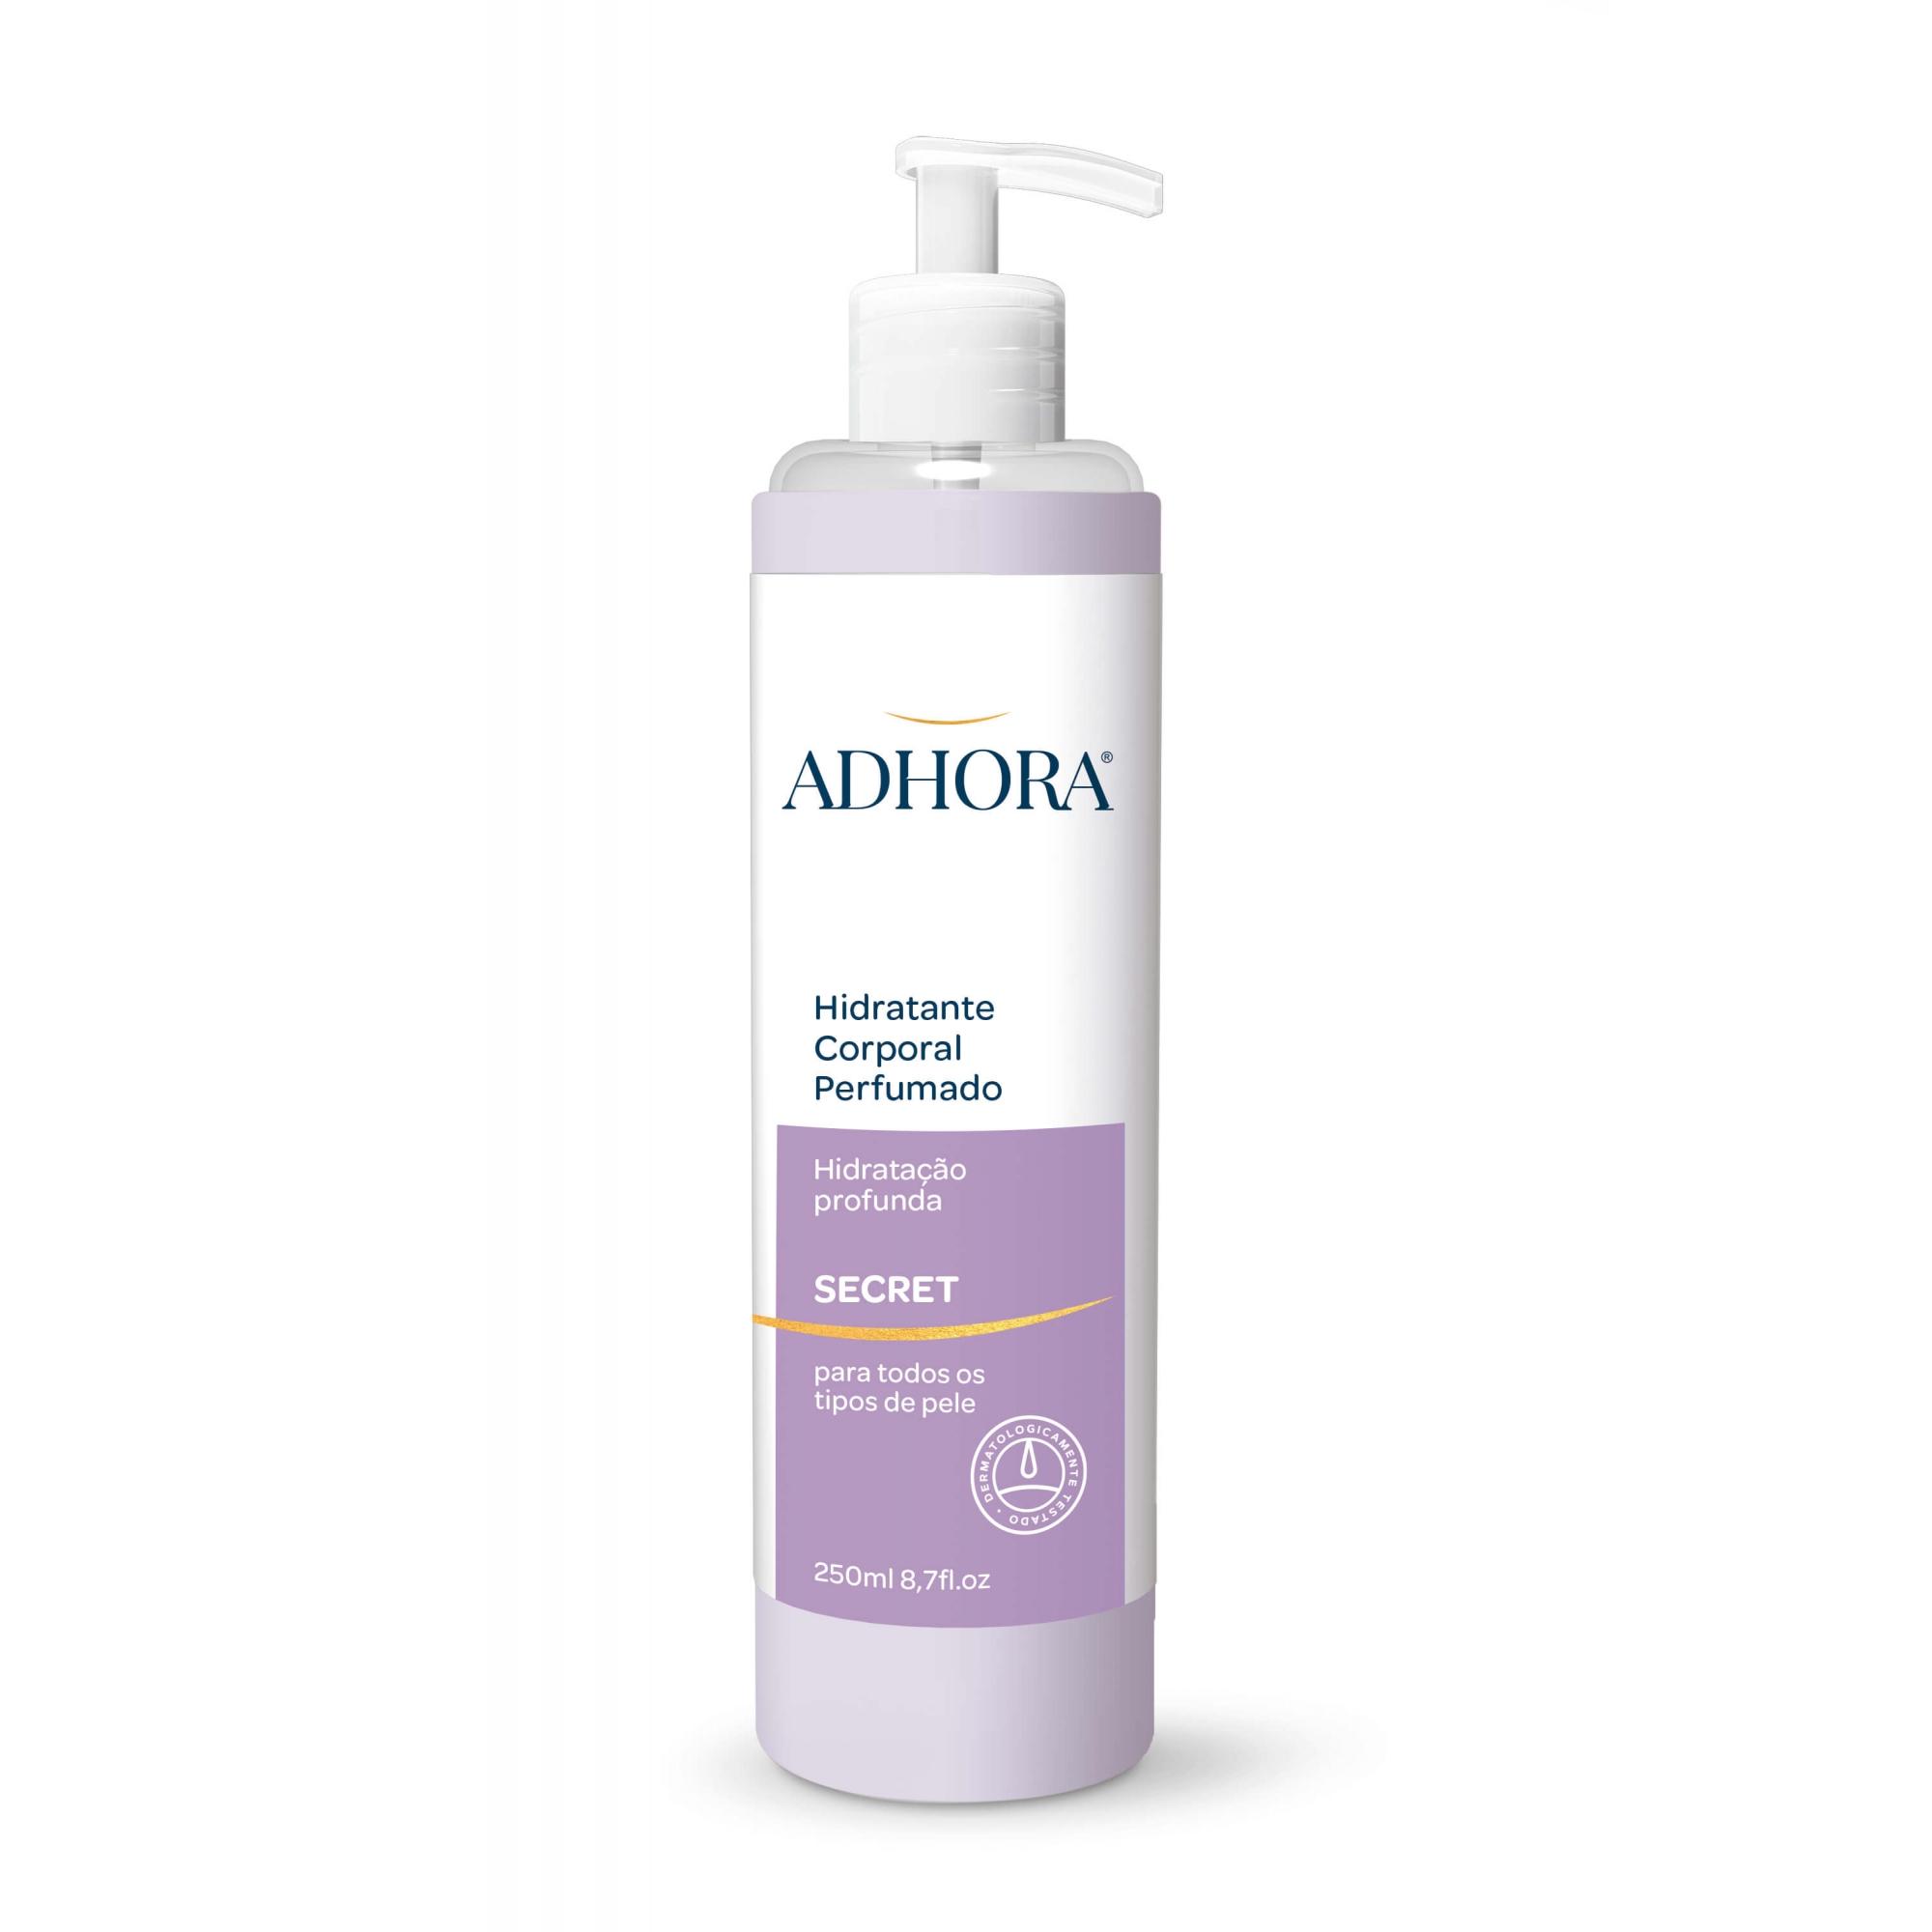 Hidratante Corporal Perfumado Adhora Secret - 250ml